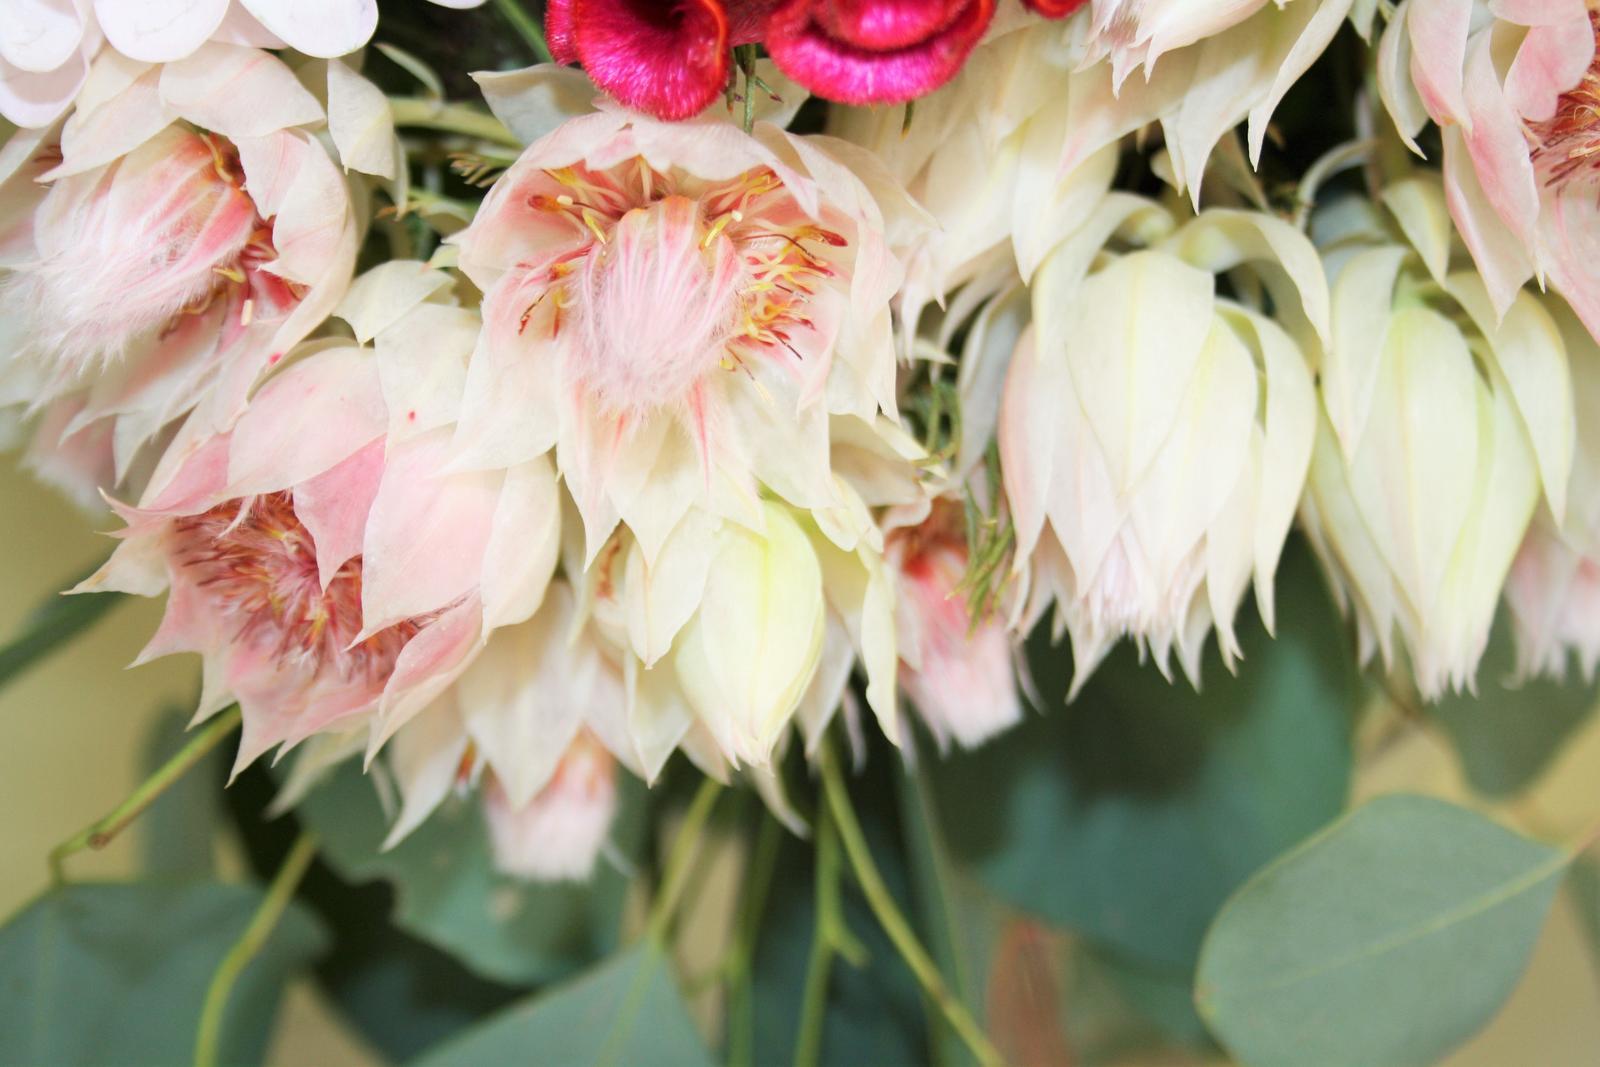 Jarne a letne aranzmany a dekoracie - Ešte raz detail kvetu...nezvyčajná nádhera